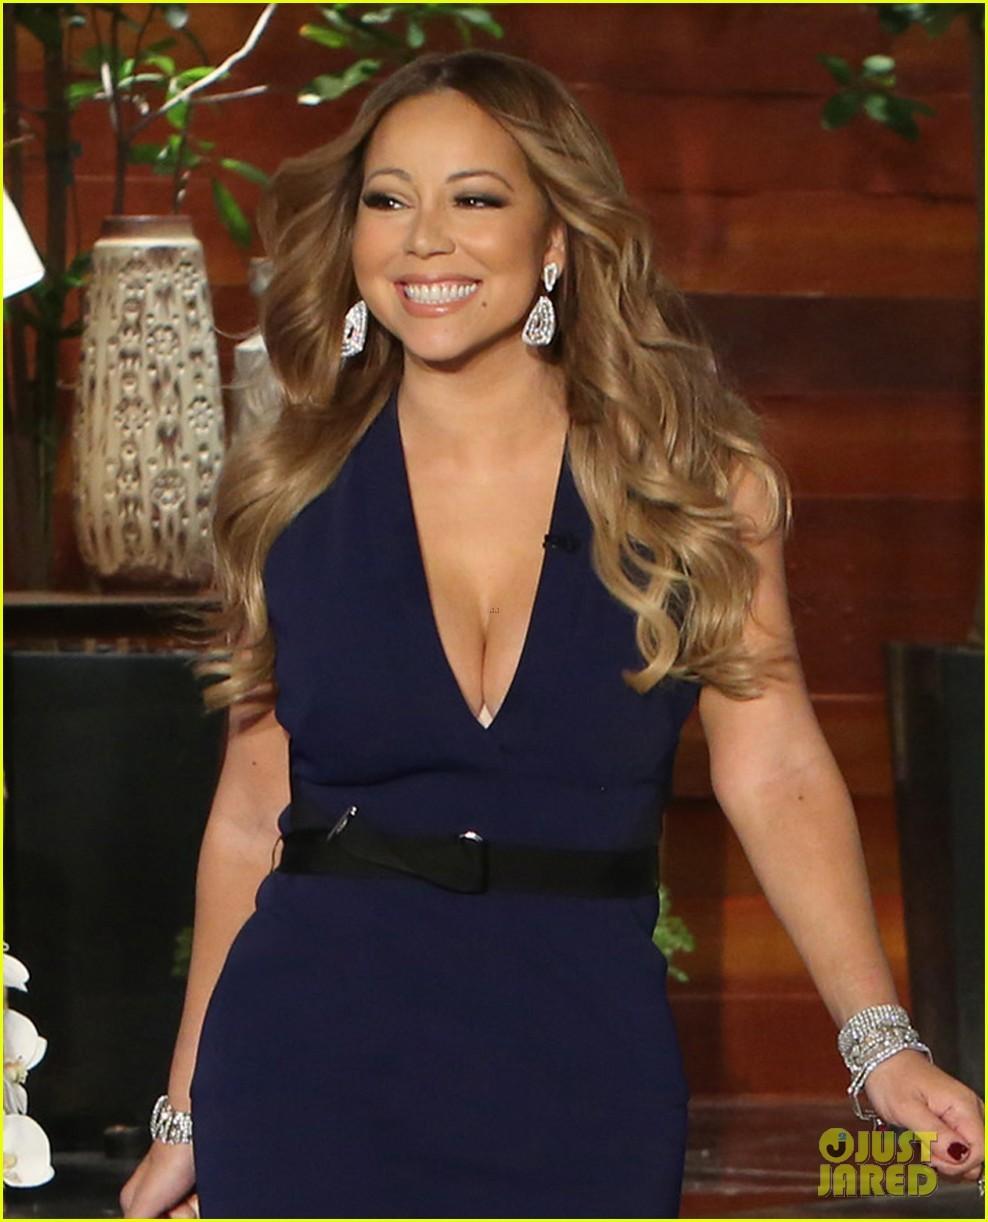 Mariah Carey: The Evolution Of An Iconic Career | Mariah Carey